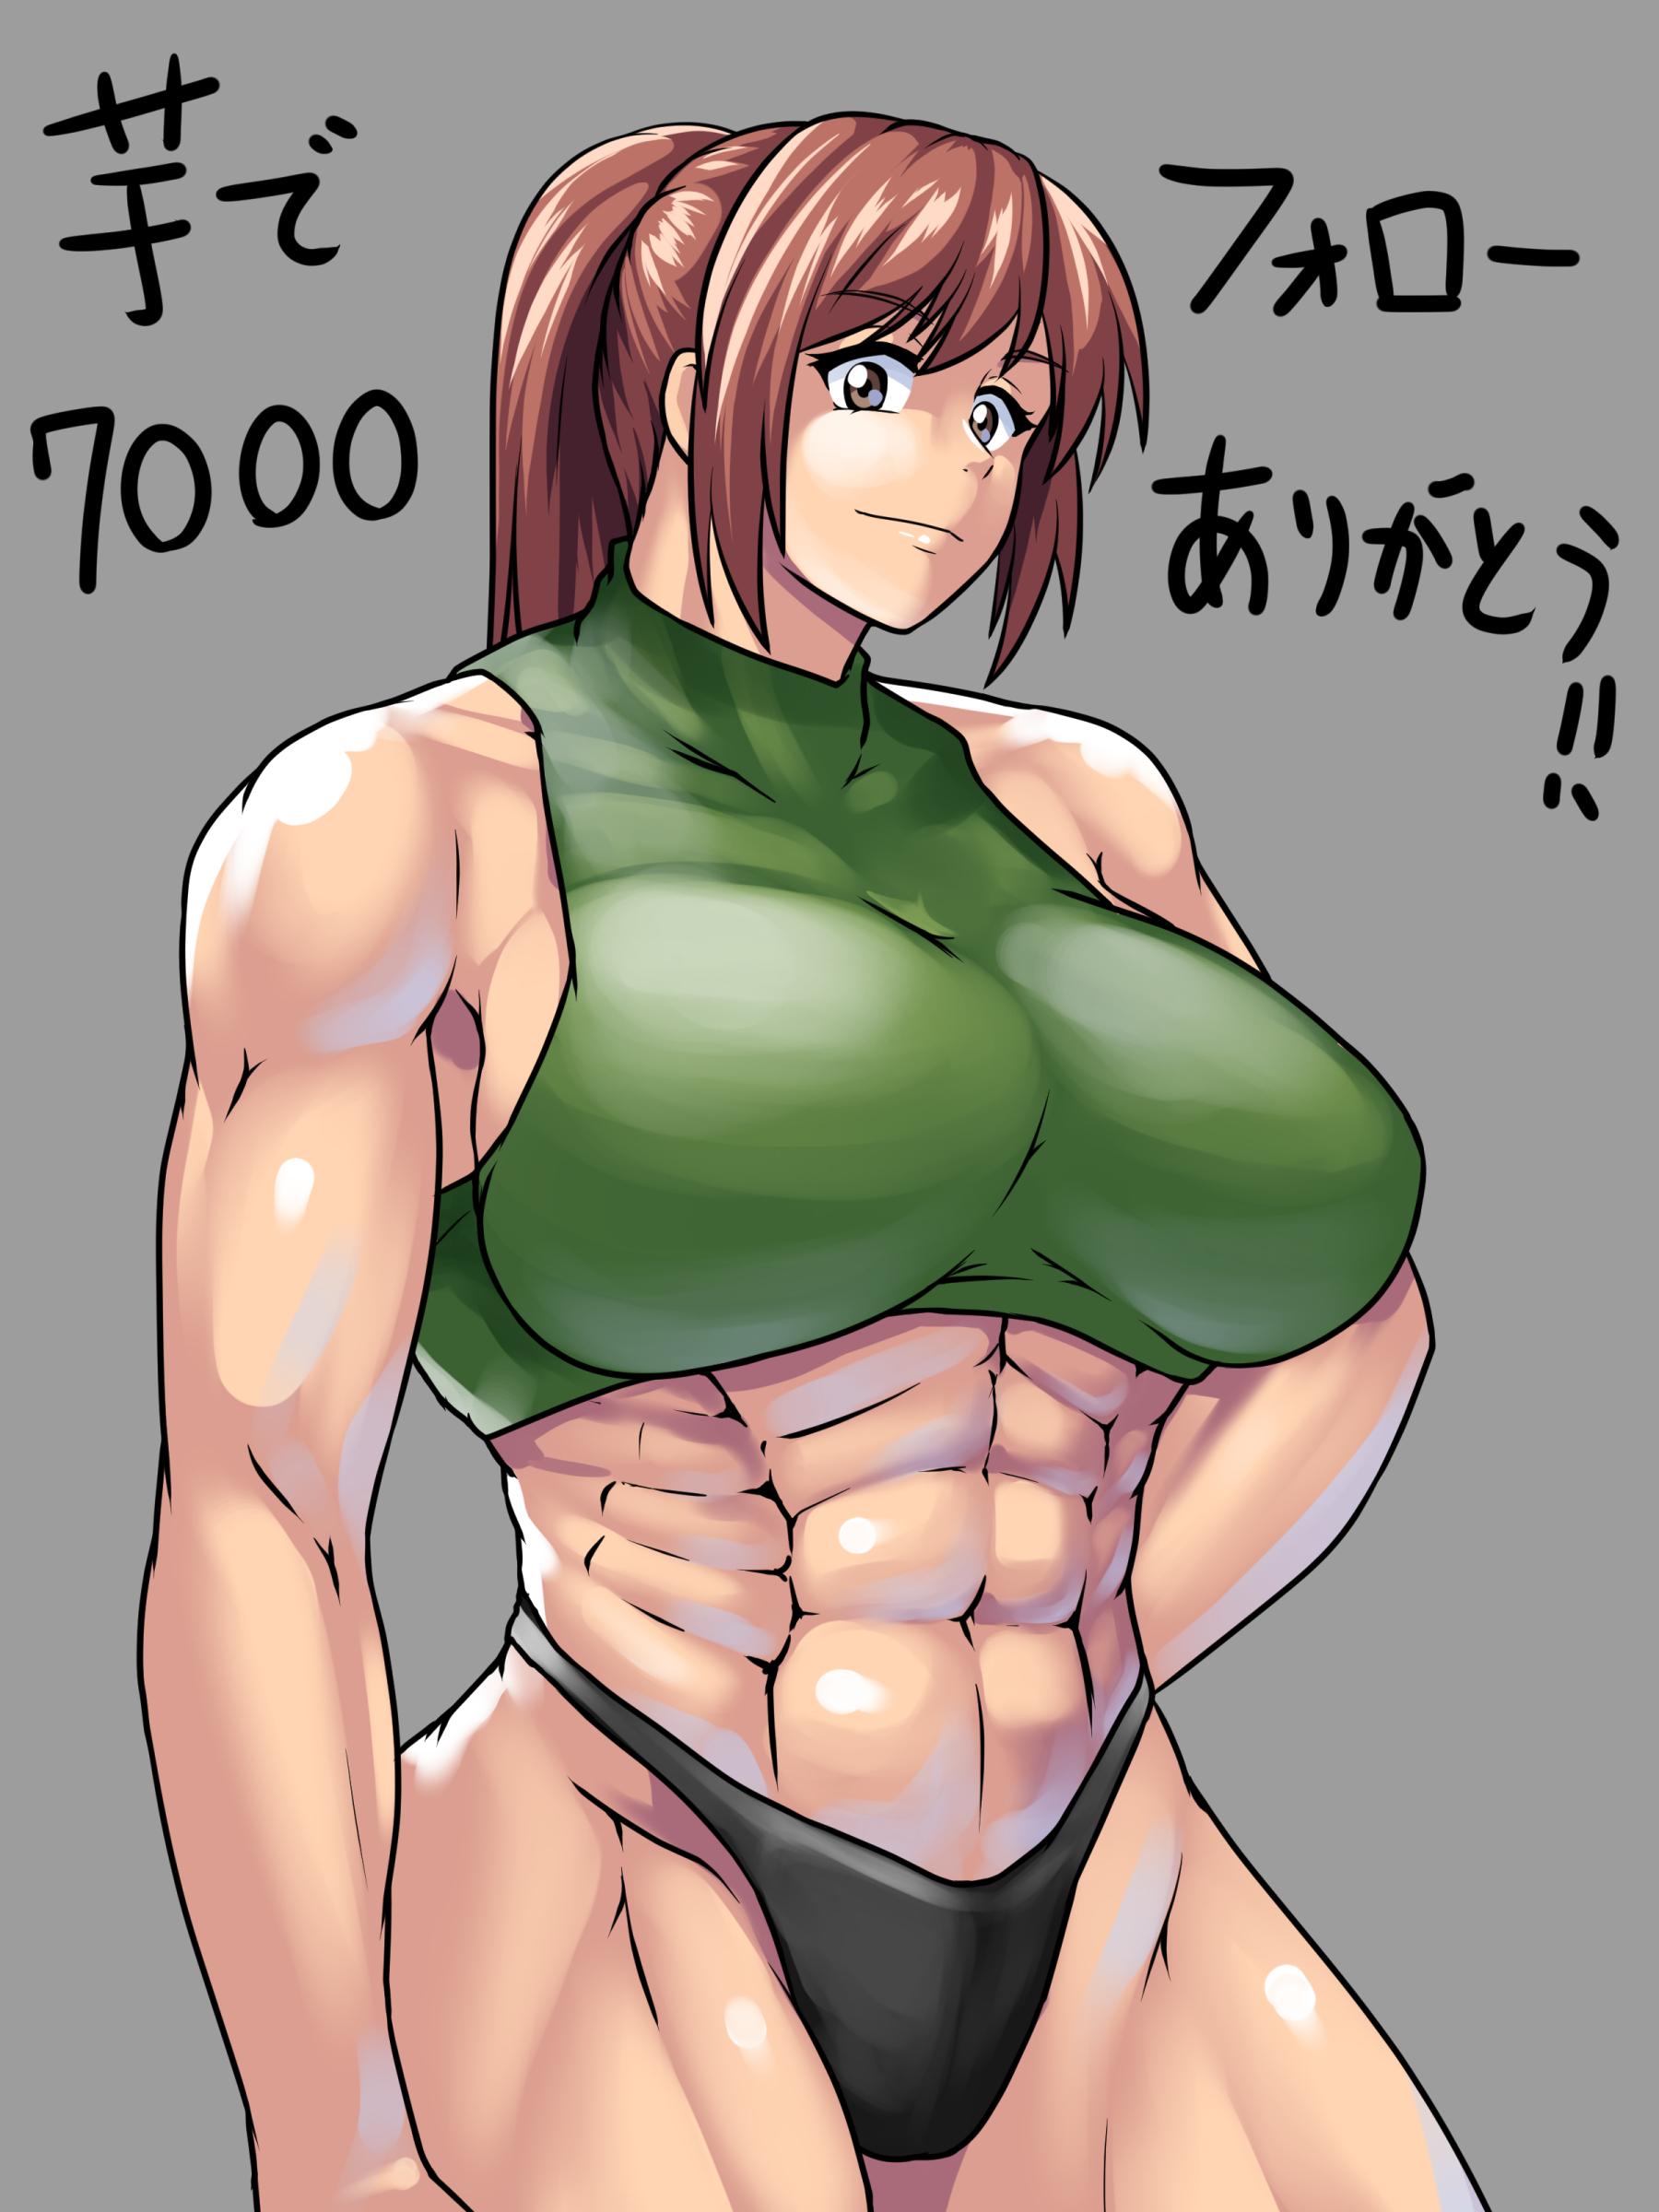 7000記念絵